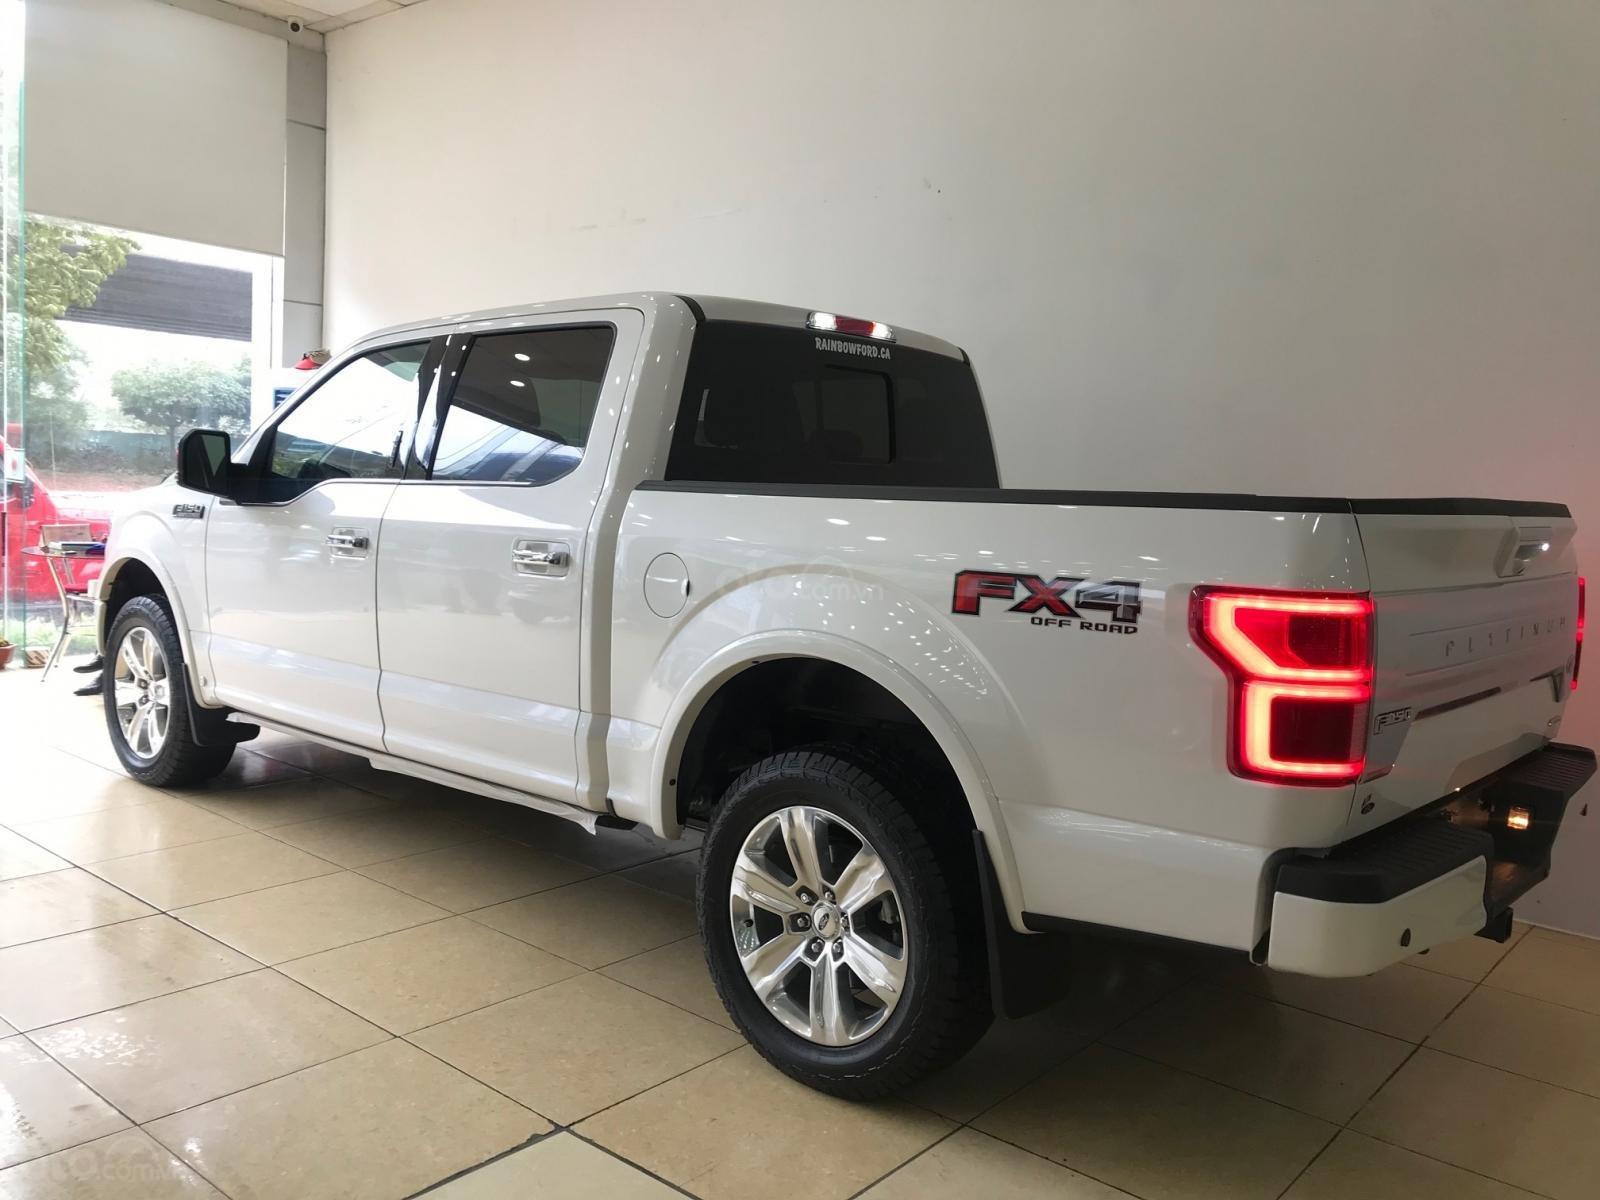 Bán Ford F 150 sản xuất Mỹ, đẳng cấp bán tải, xe giao ngay, LH 0904754444 (13)